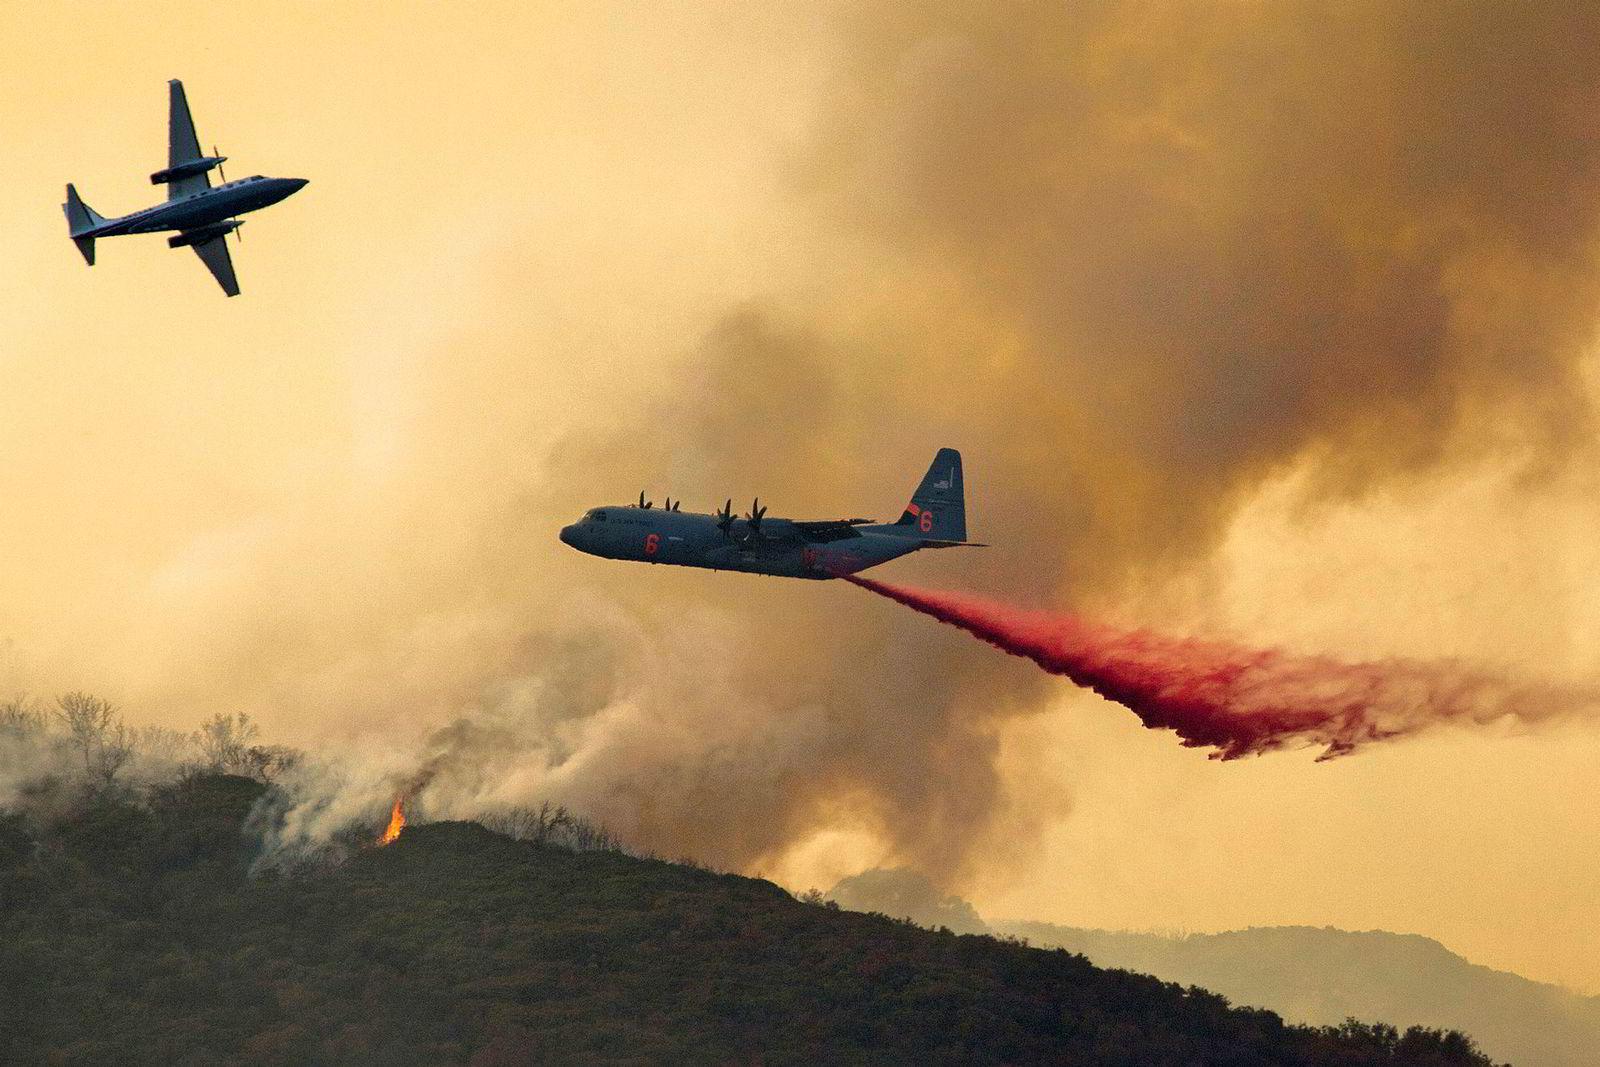 Et amerikansk Hercules-fly slipper flammehemmende pulver over en av skogbrannene. Pulveret er ment for å sakke brannens utvikling slik at brannmannskapene får mer tid til å slukke brannen. Vann er hovedingrediensen i blandingen, som blant annet består av gummi- eller leire-lignende stoff for å gjøre væsken til et «teppe», og for å forhindre fordamping. Fargen kommer fra rust, som tilsettes for at brannmannskap skal kunne se hvilke områder som er blitt behandlet.